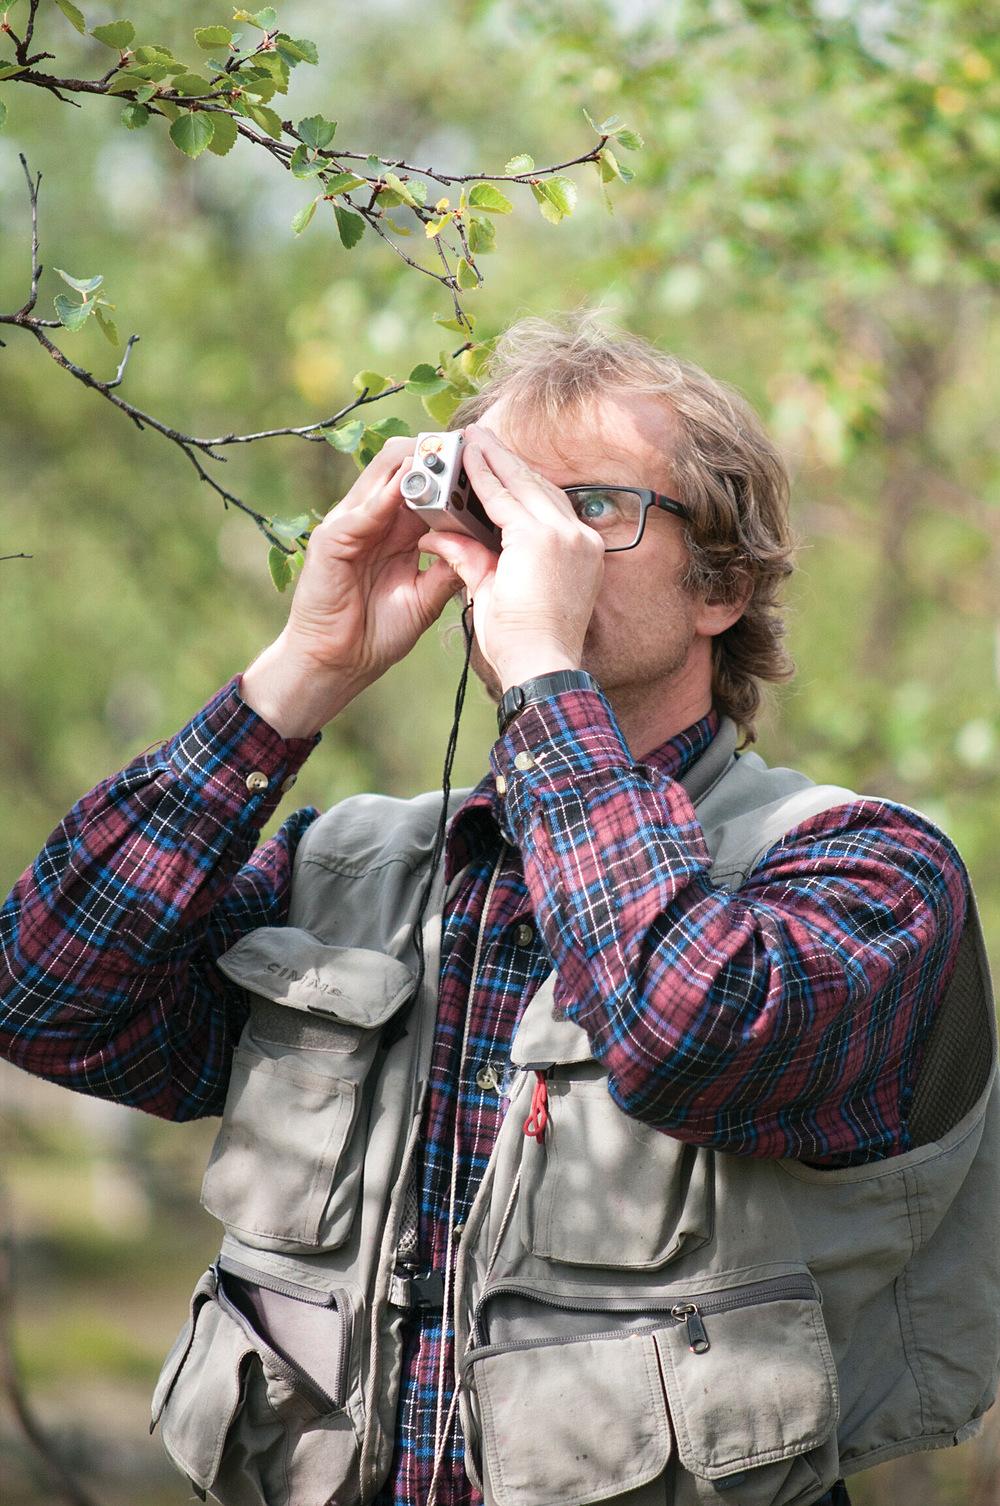 Innen de fleste regionene er det størst tilvekst av gran, bortsett i fra i Nordland, Troms og Finnmark hvor det er størst tilvekst av lauvtrærne. Her fra skogtaksering i Finnmark sommeren 2013. Foto: Lars Sandved Dalen, NIBIO